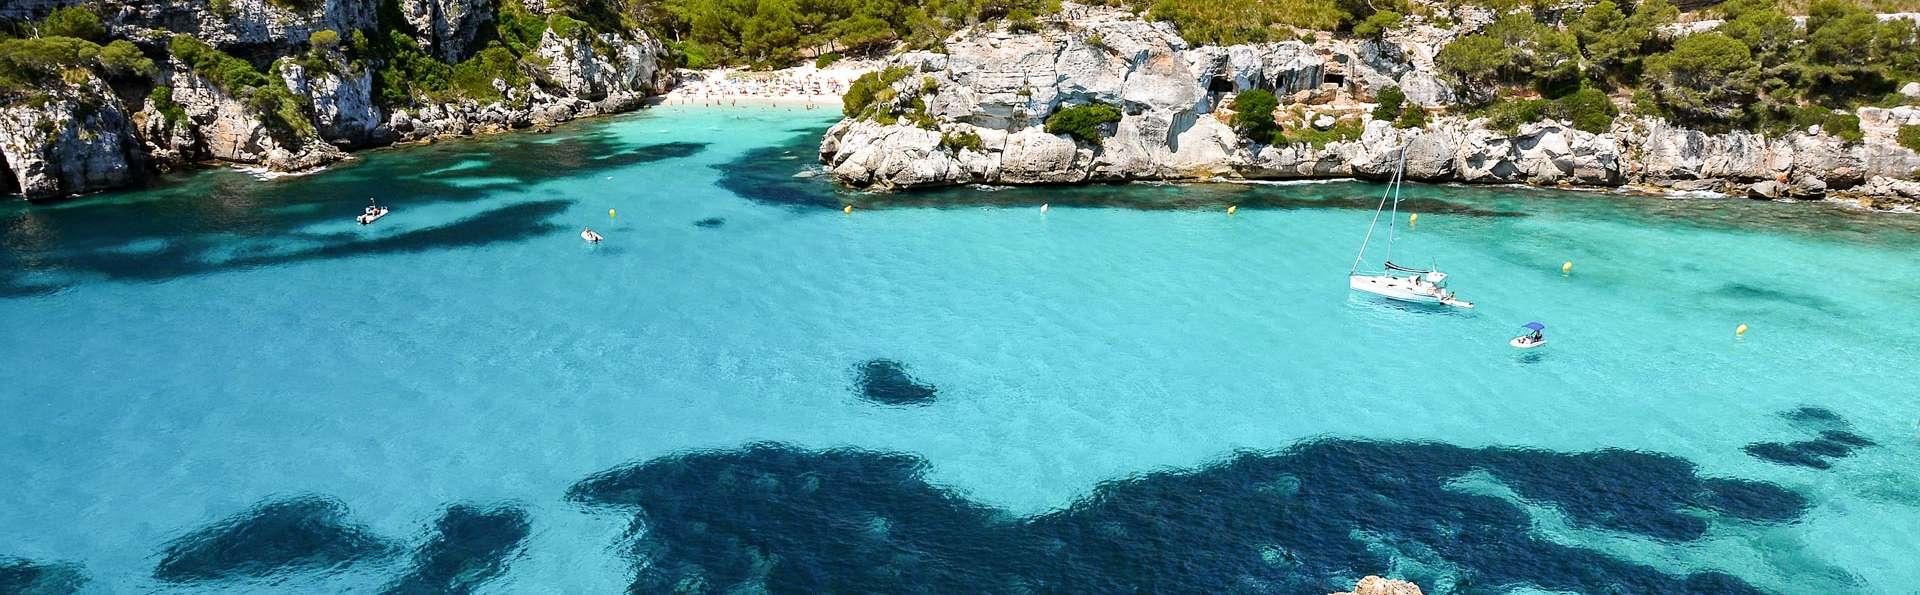 Escapada con desayuno y detalle de bienvenida en unos apartamentos 3* con piscina en Menorca